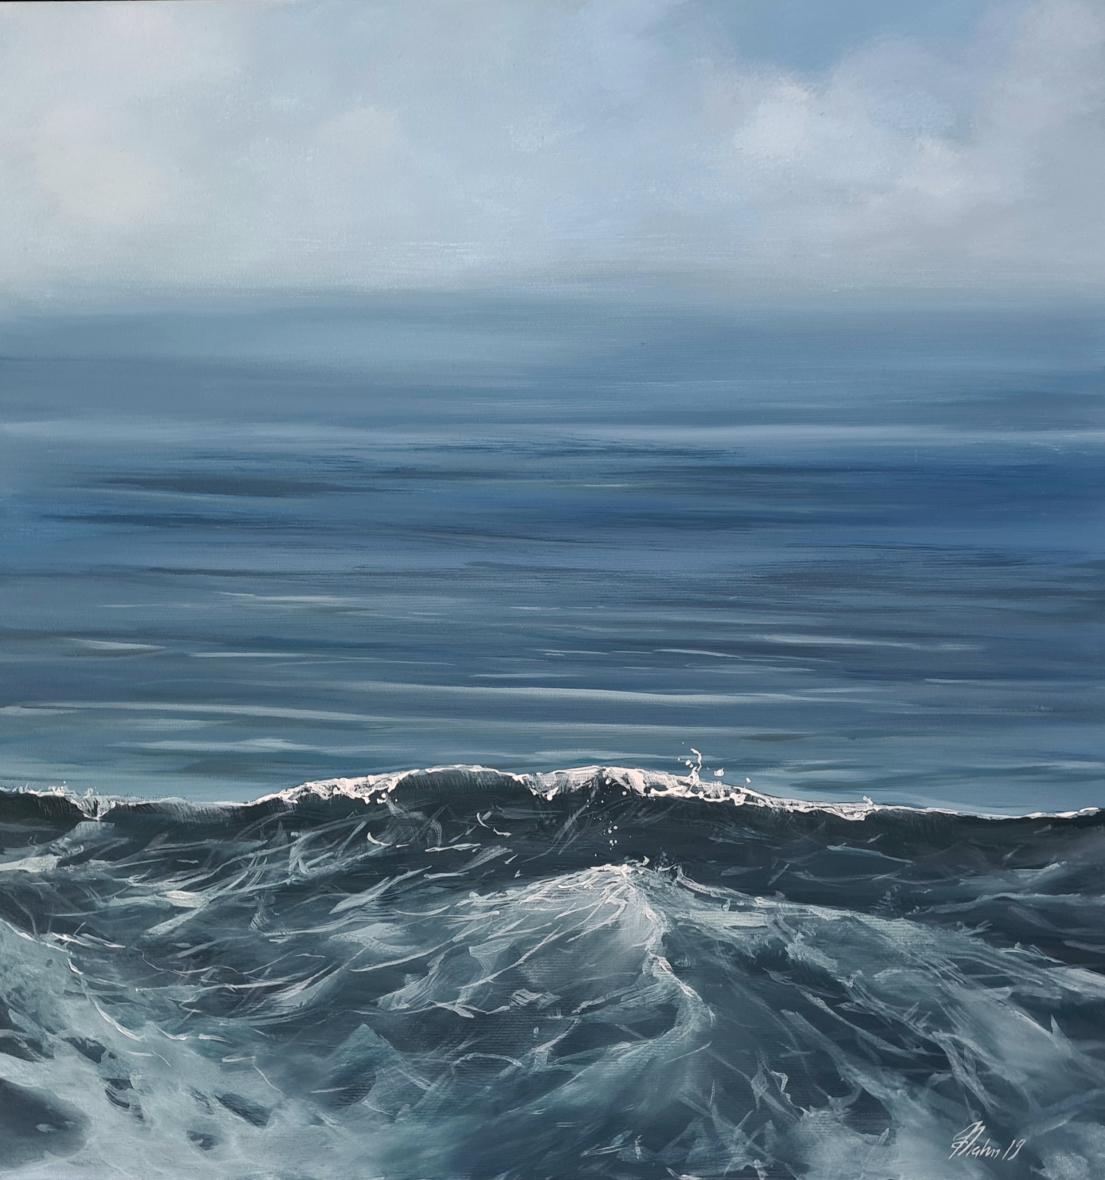 WASSER & WELLEN - Deep Blue Sea